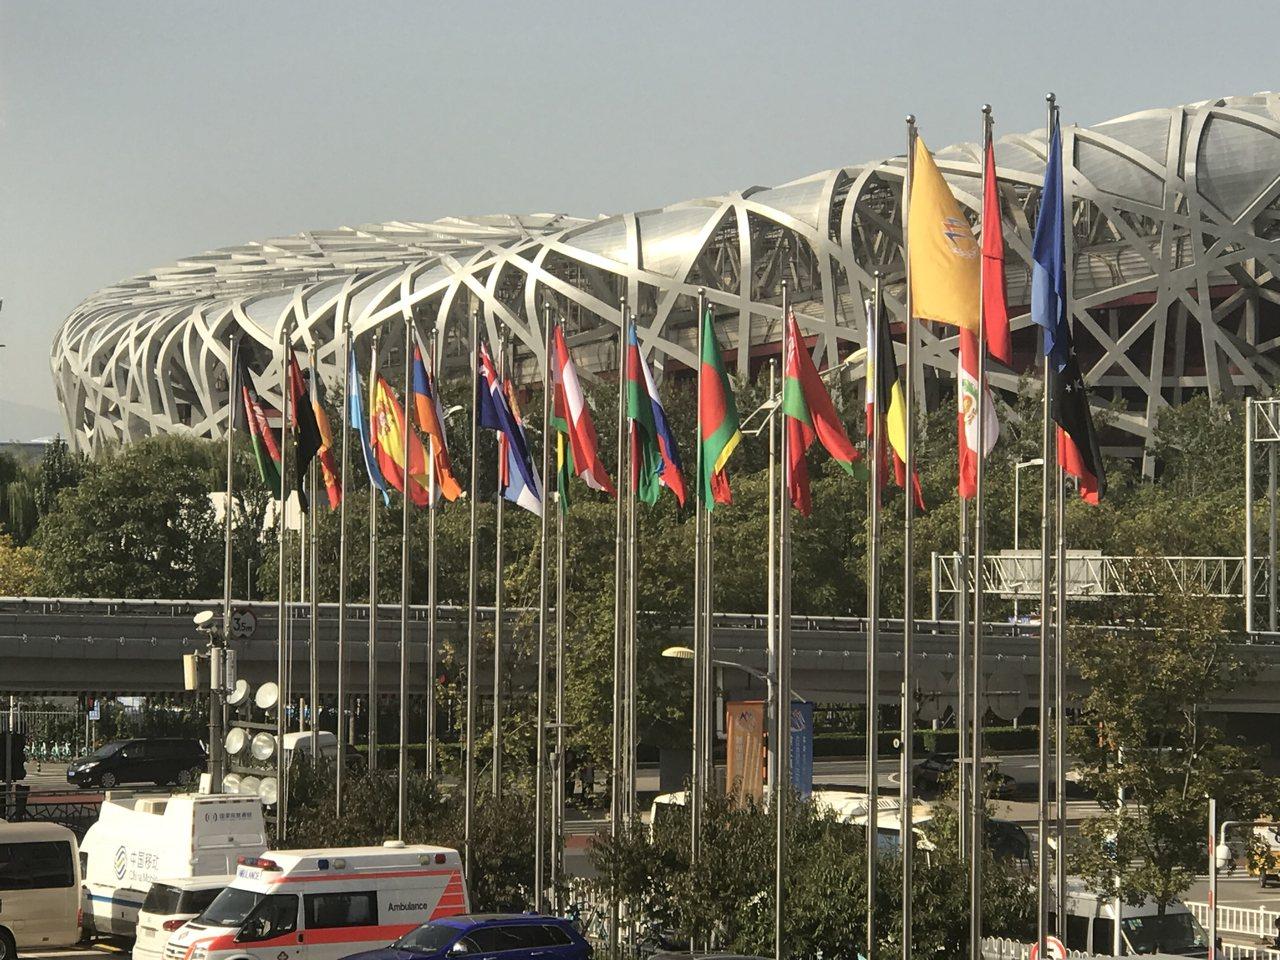 第九屆北京香山論壇上,區域安全的話題是各國代表發言的重點。圖為論壇會場前與會的各...